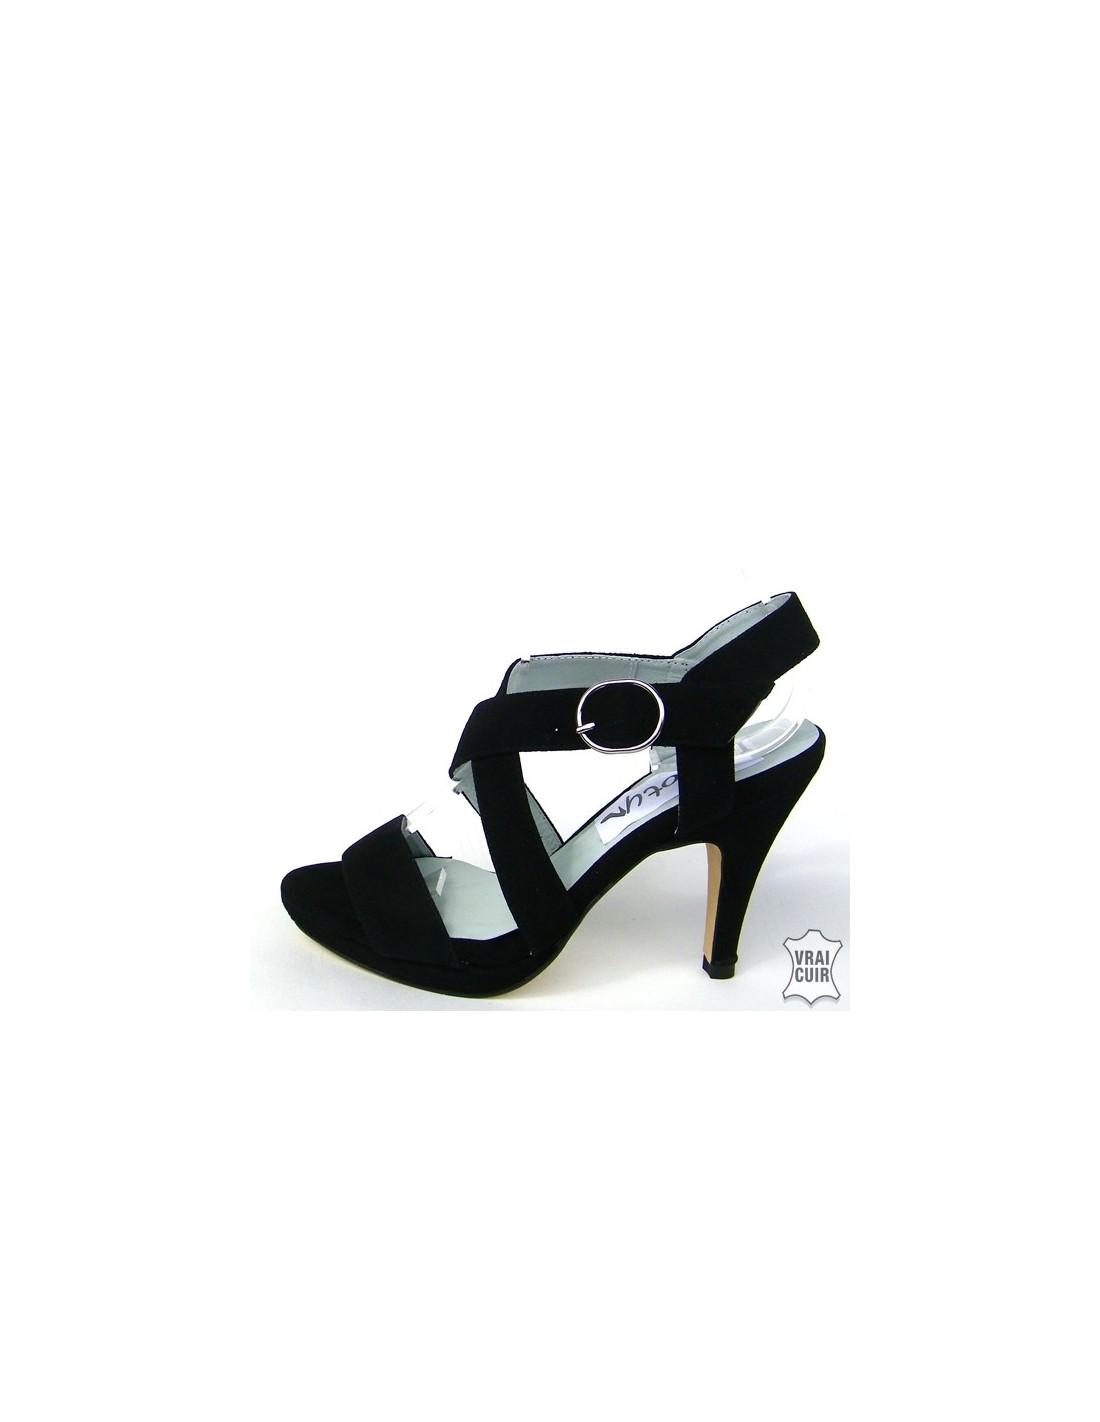 AvantCuir Petites Avec Plateau Pointure Sandales FemmeNoires FlcK1uTJ3